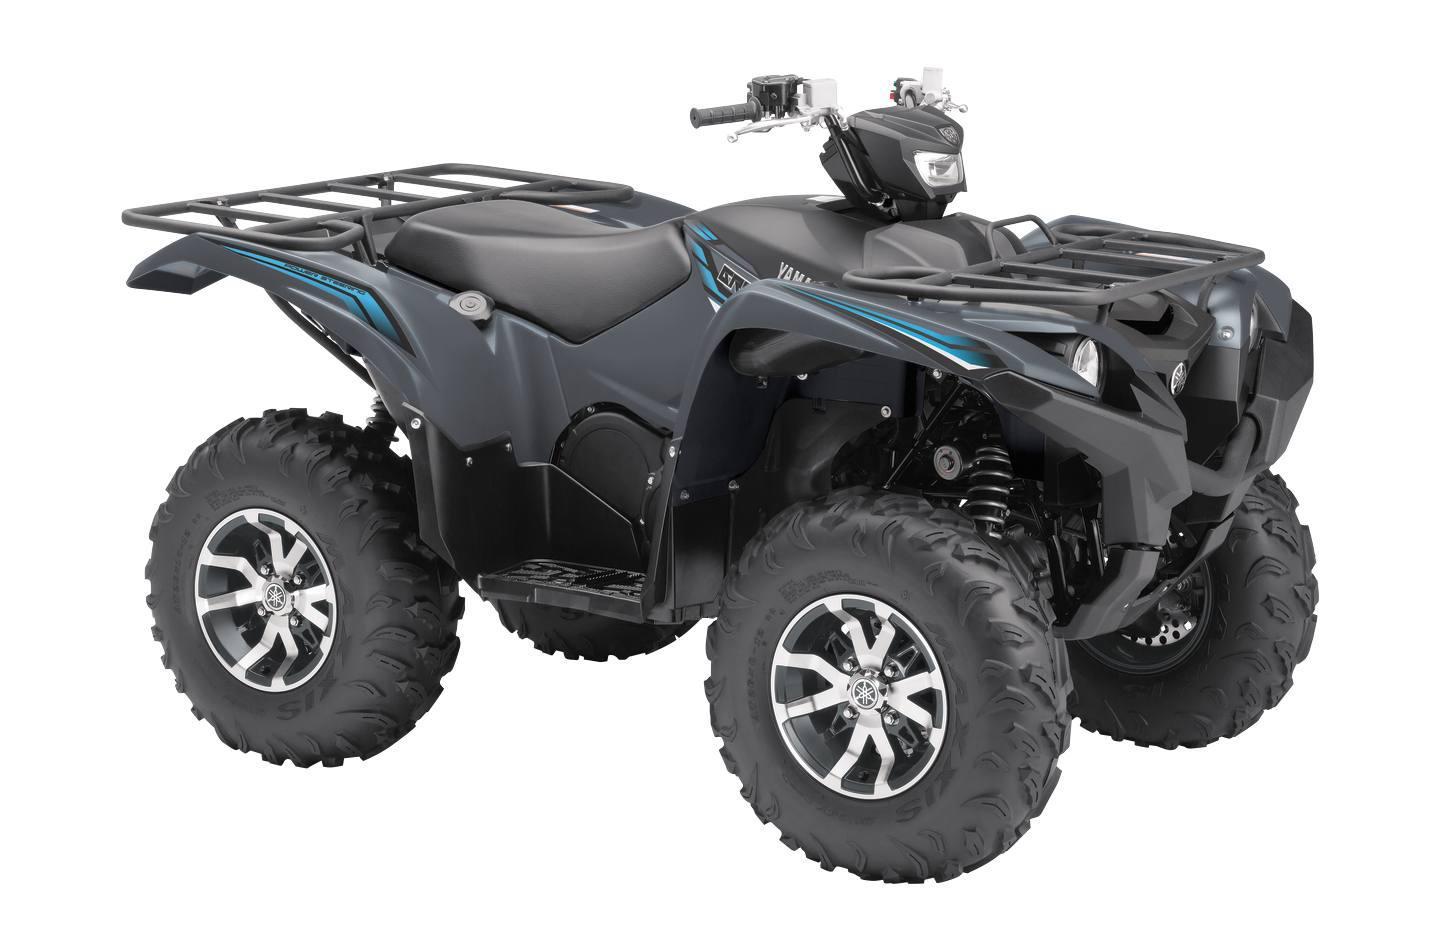 2018 Yamaha YF70GPSJB - Grizzly 700